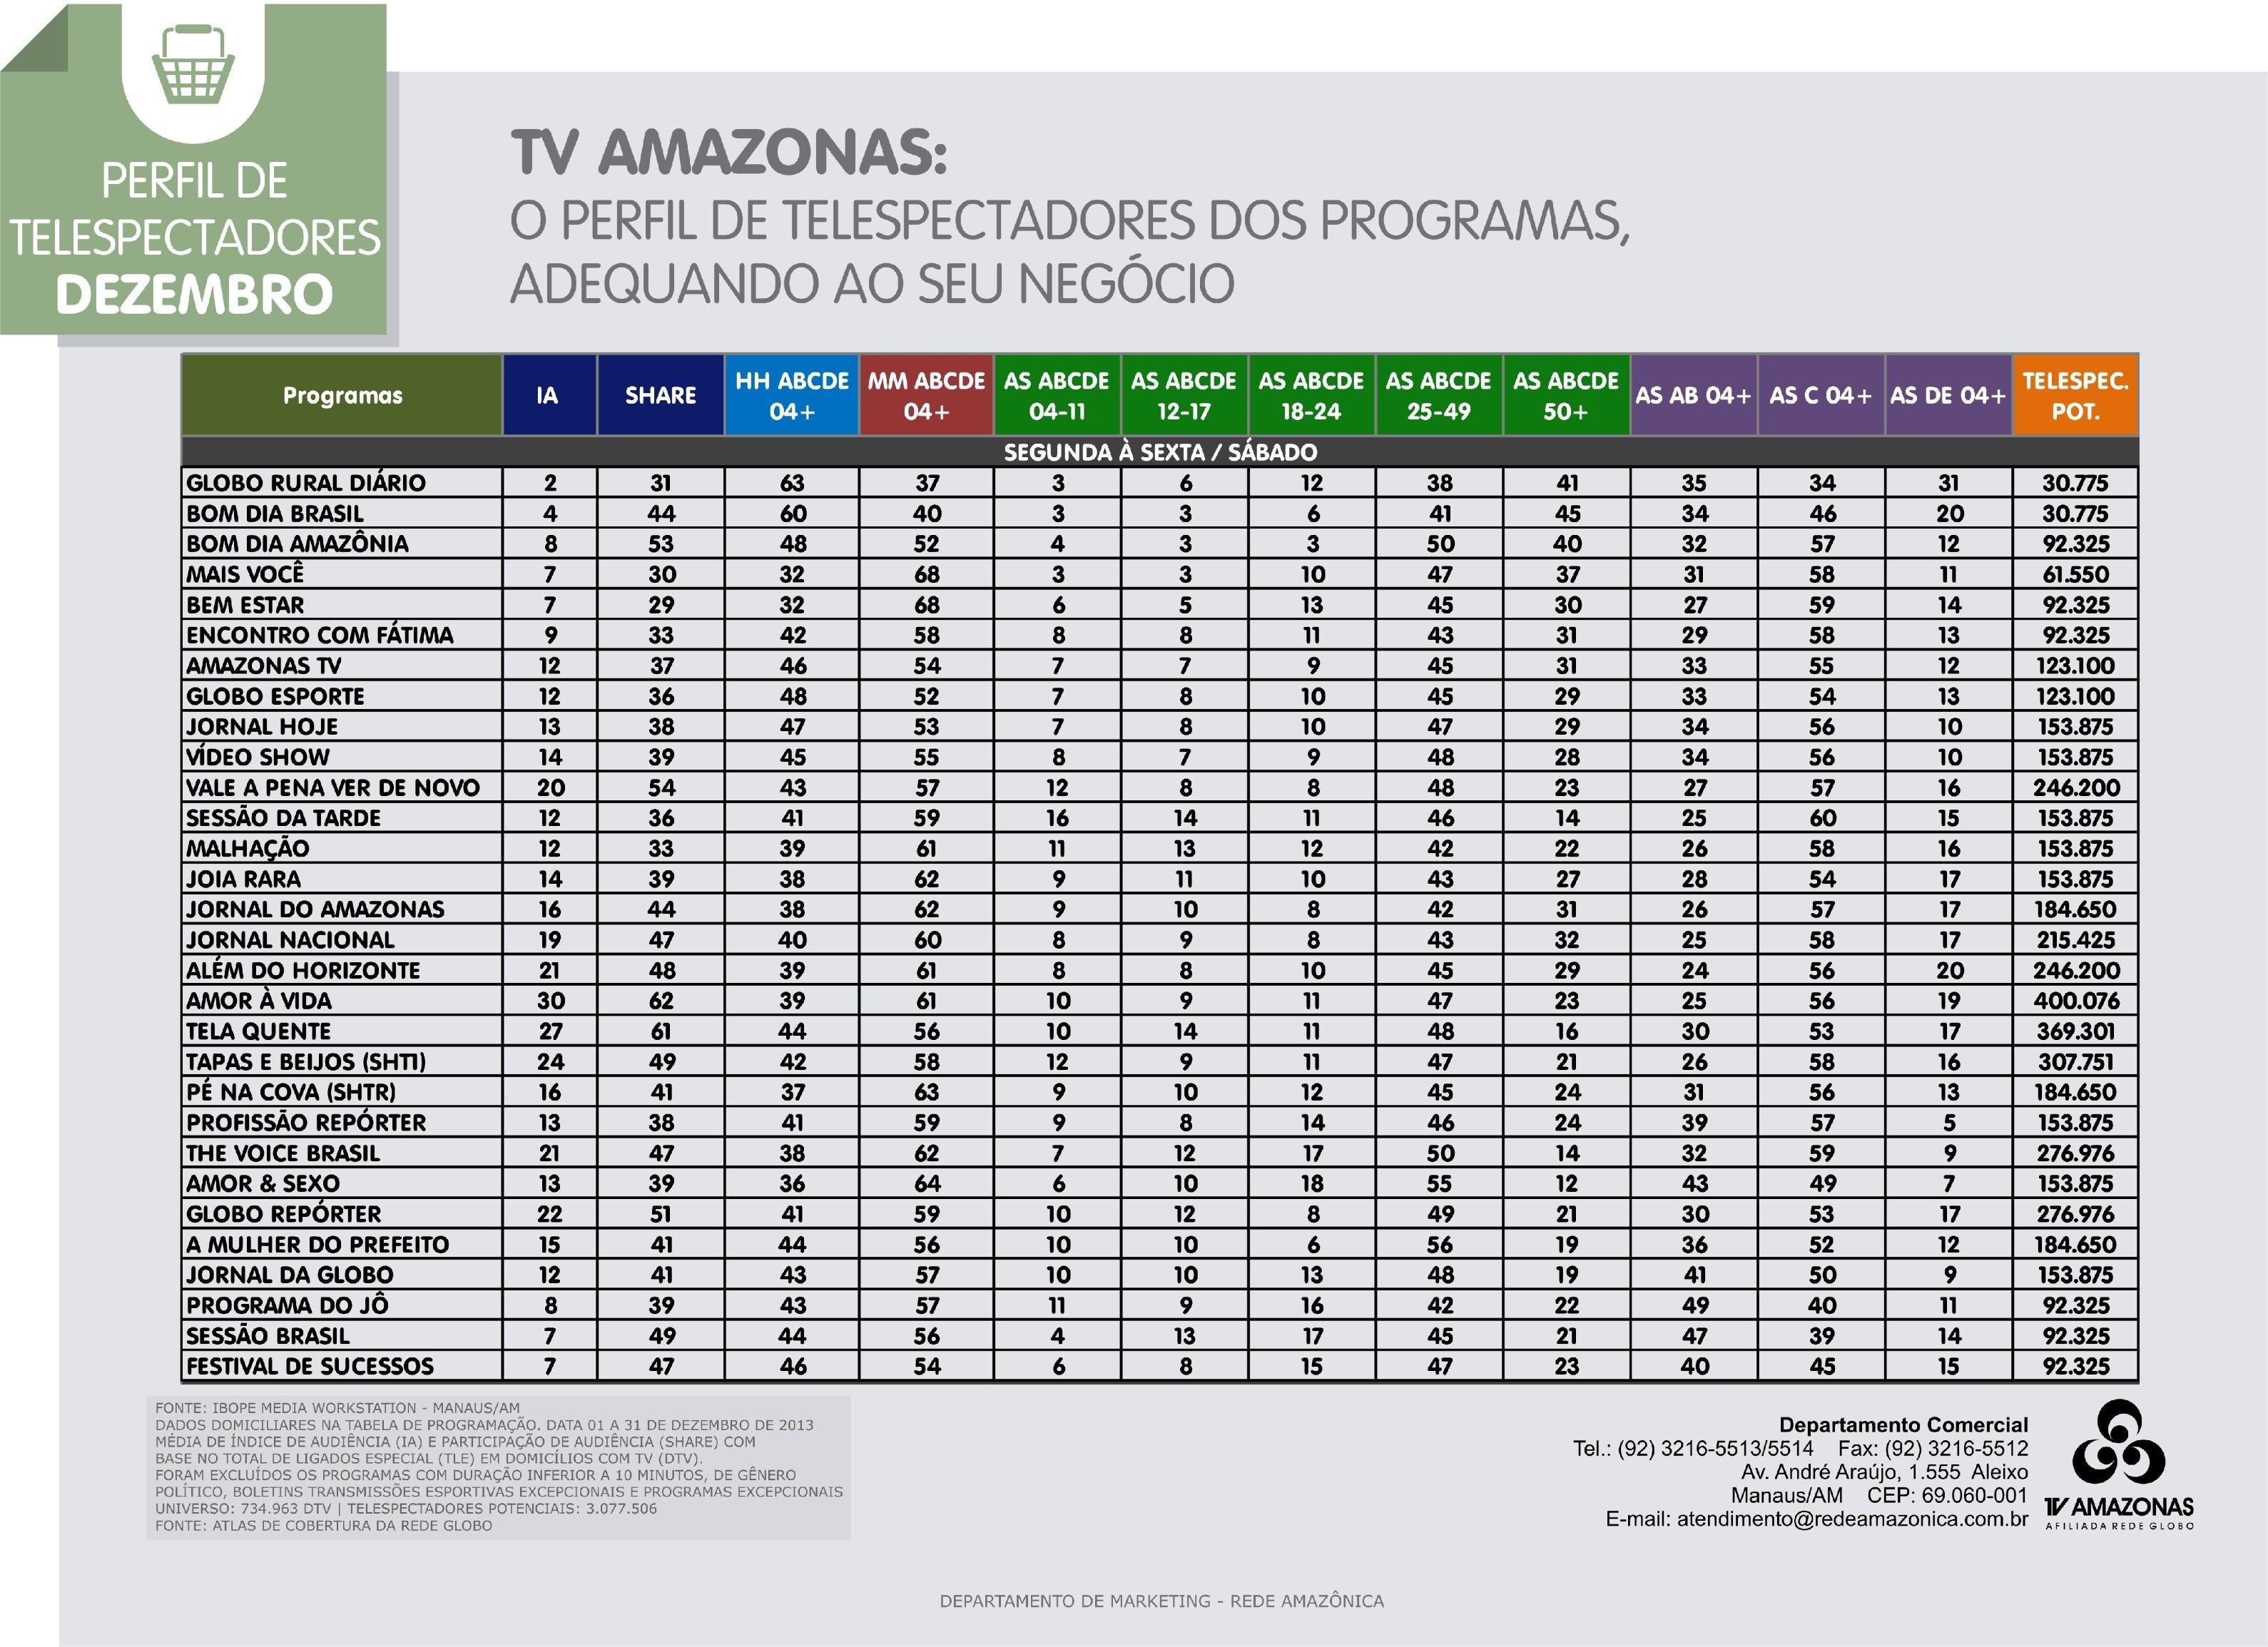 TV Amazonas: confira o perfil de telespectadores da TV Amazonas (Foto: TV Amazonas)